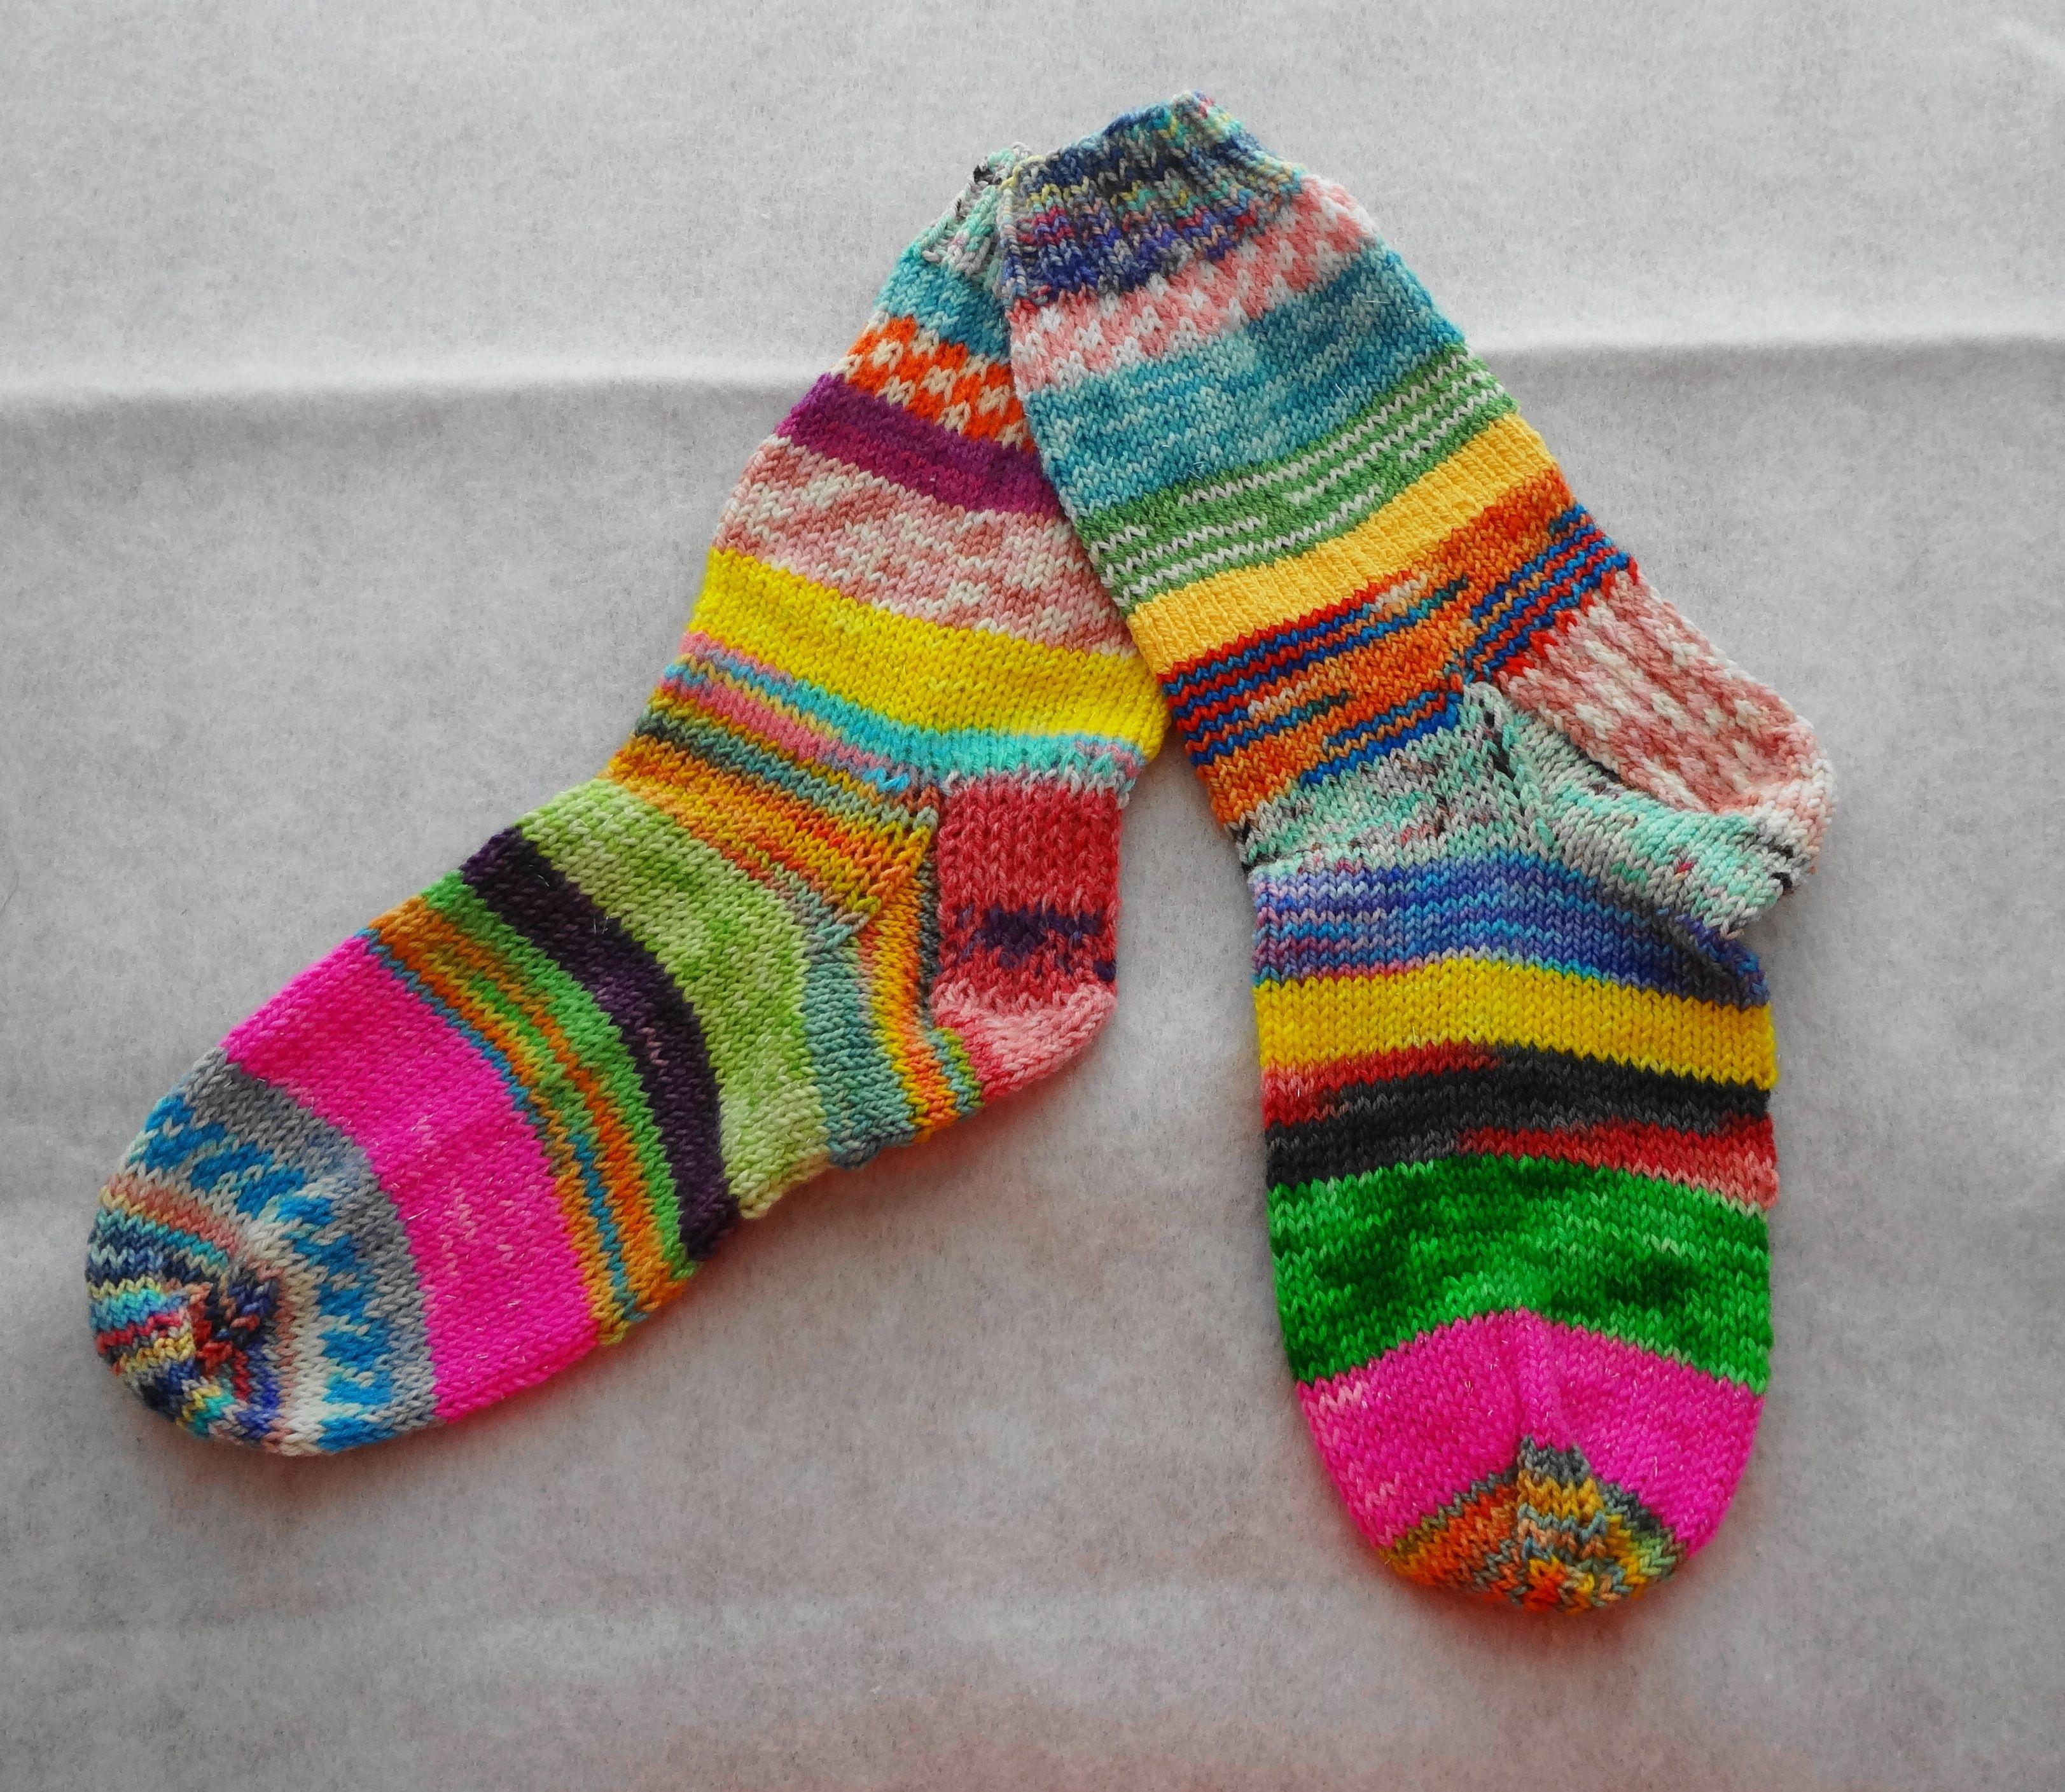 Kathi\'s Krazy Socks for Charity! | CHARITY KNITTING/CROCHET! | Pinterest